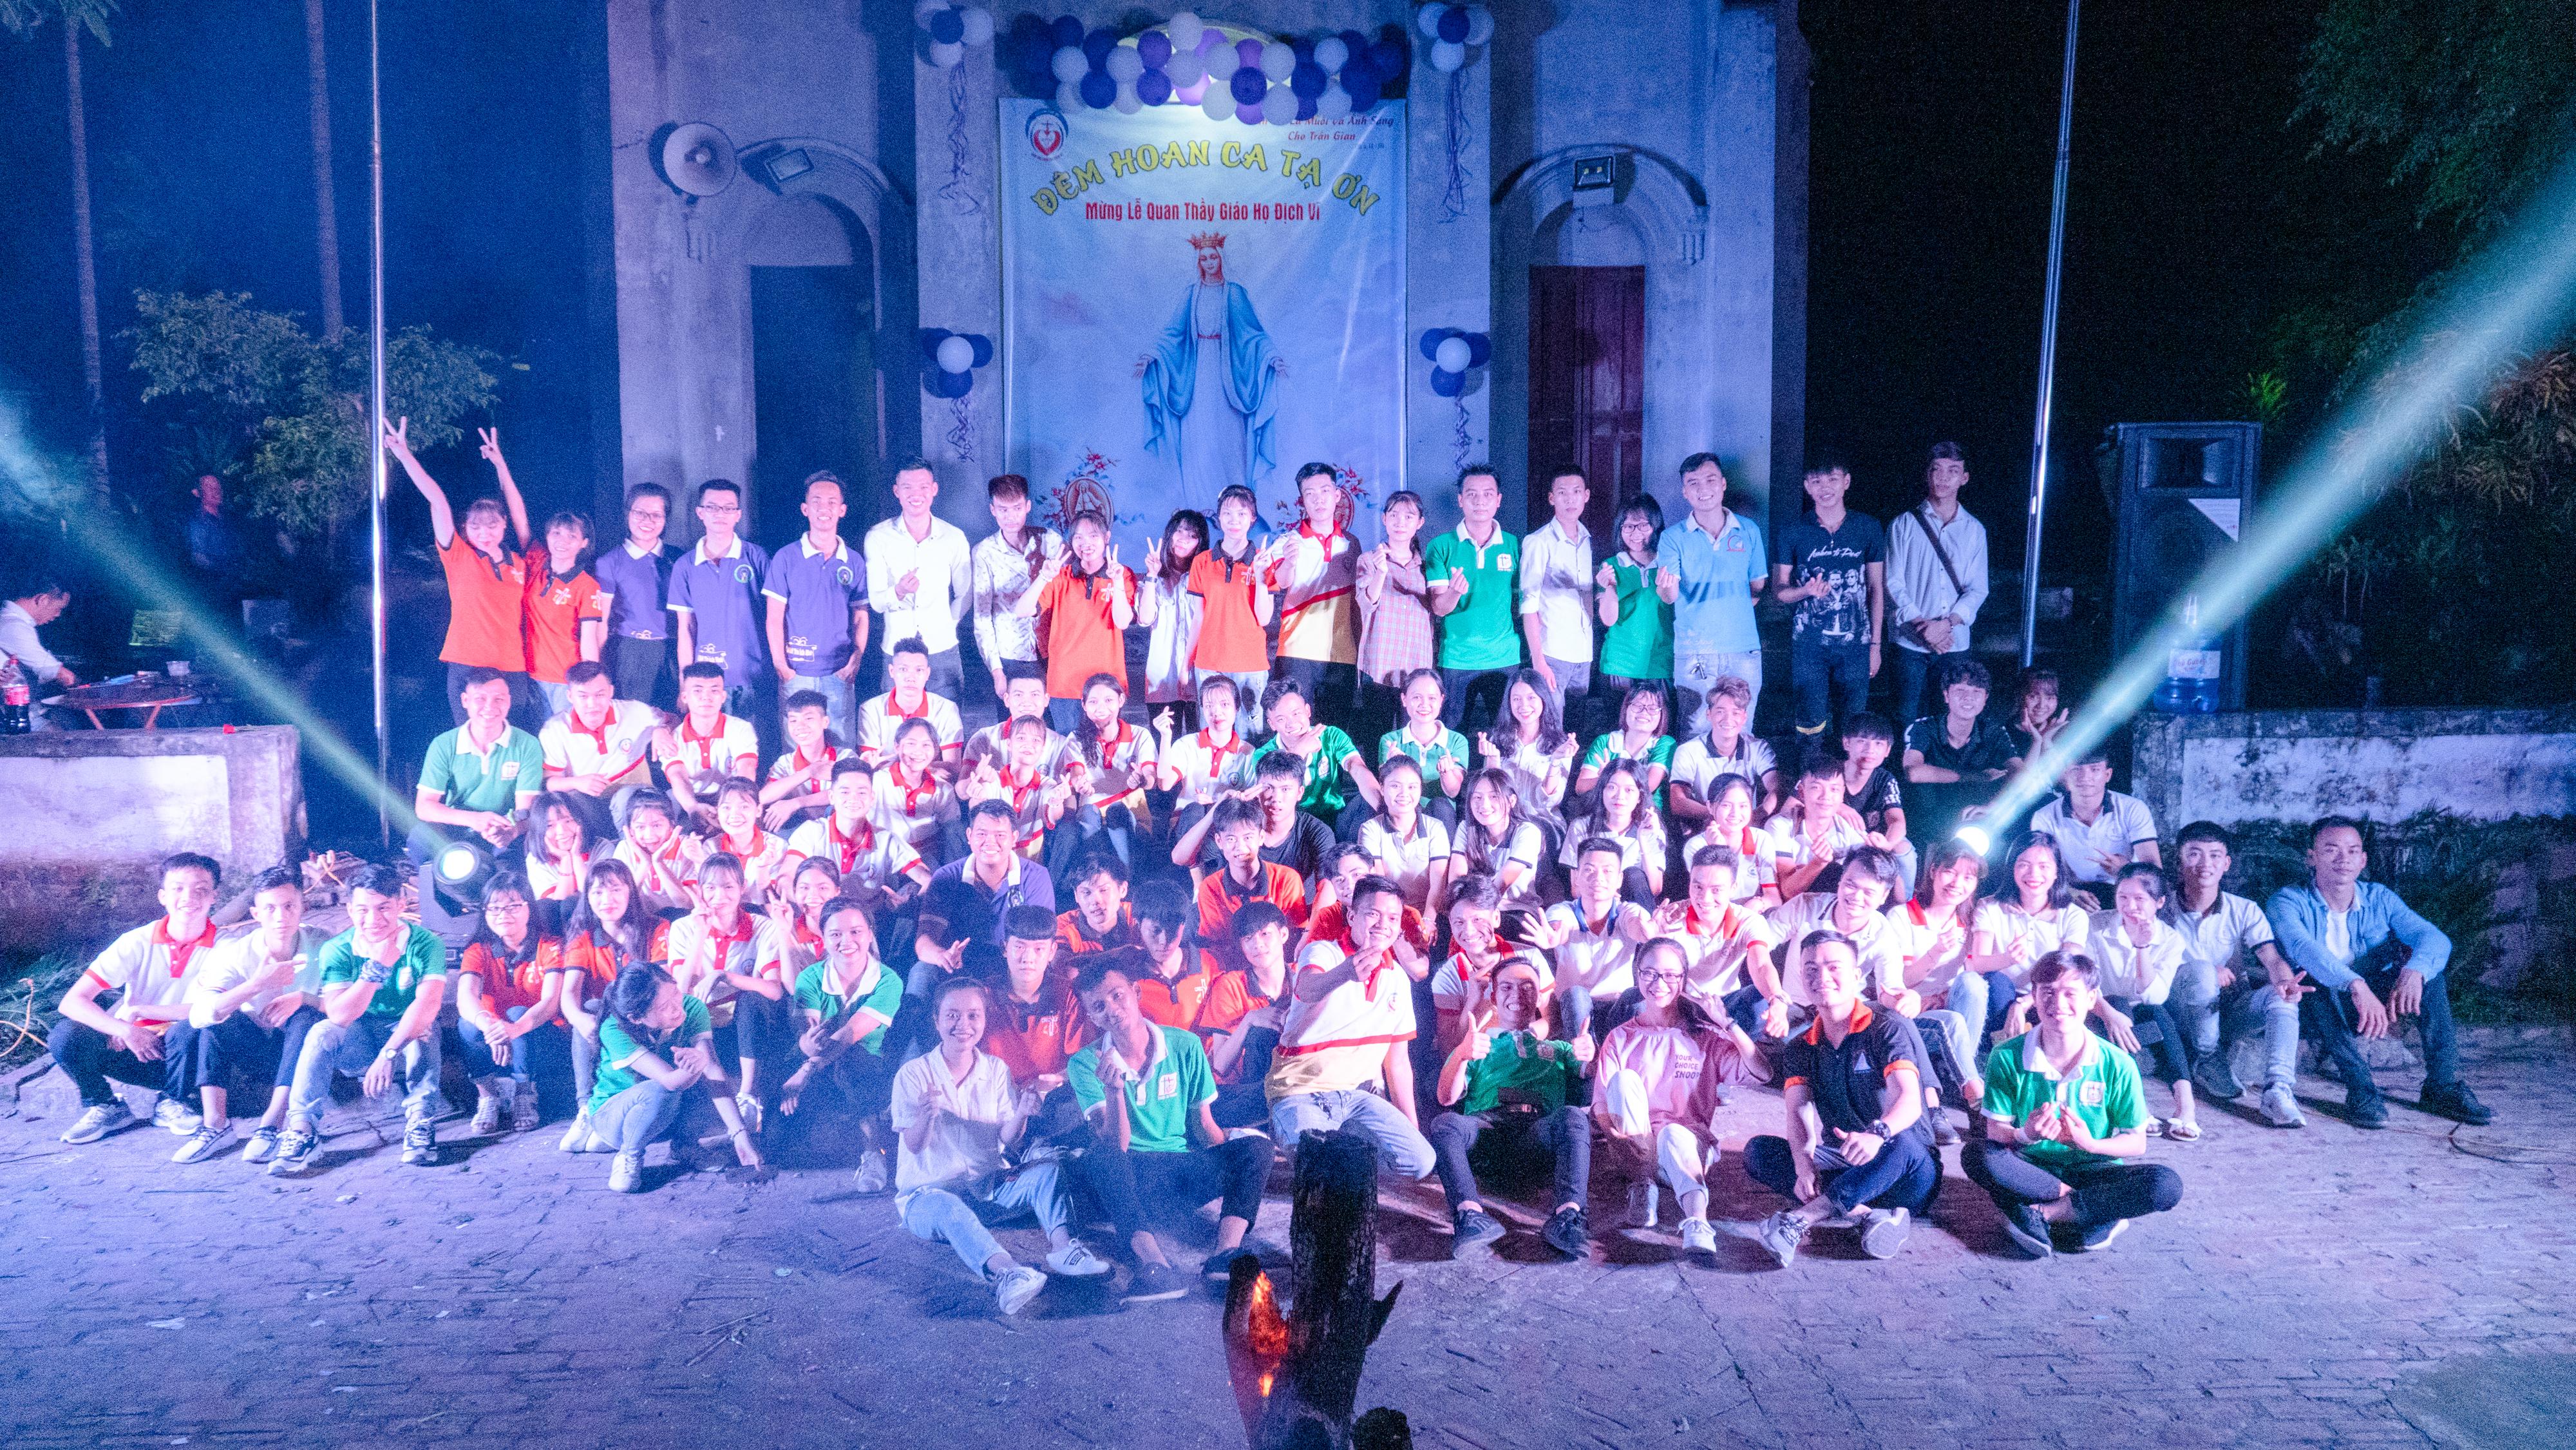 Giới Trẻ Giáo họ Địch Vĩ – Giáo xứ Thụy Ứng – TGP Hà Nội Mừng Lễ Quan Thầy Đức Maria Nữ Vương Và Kỉ Niệm Sinh Nhật Lần Thứ VII